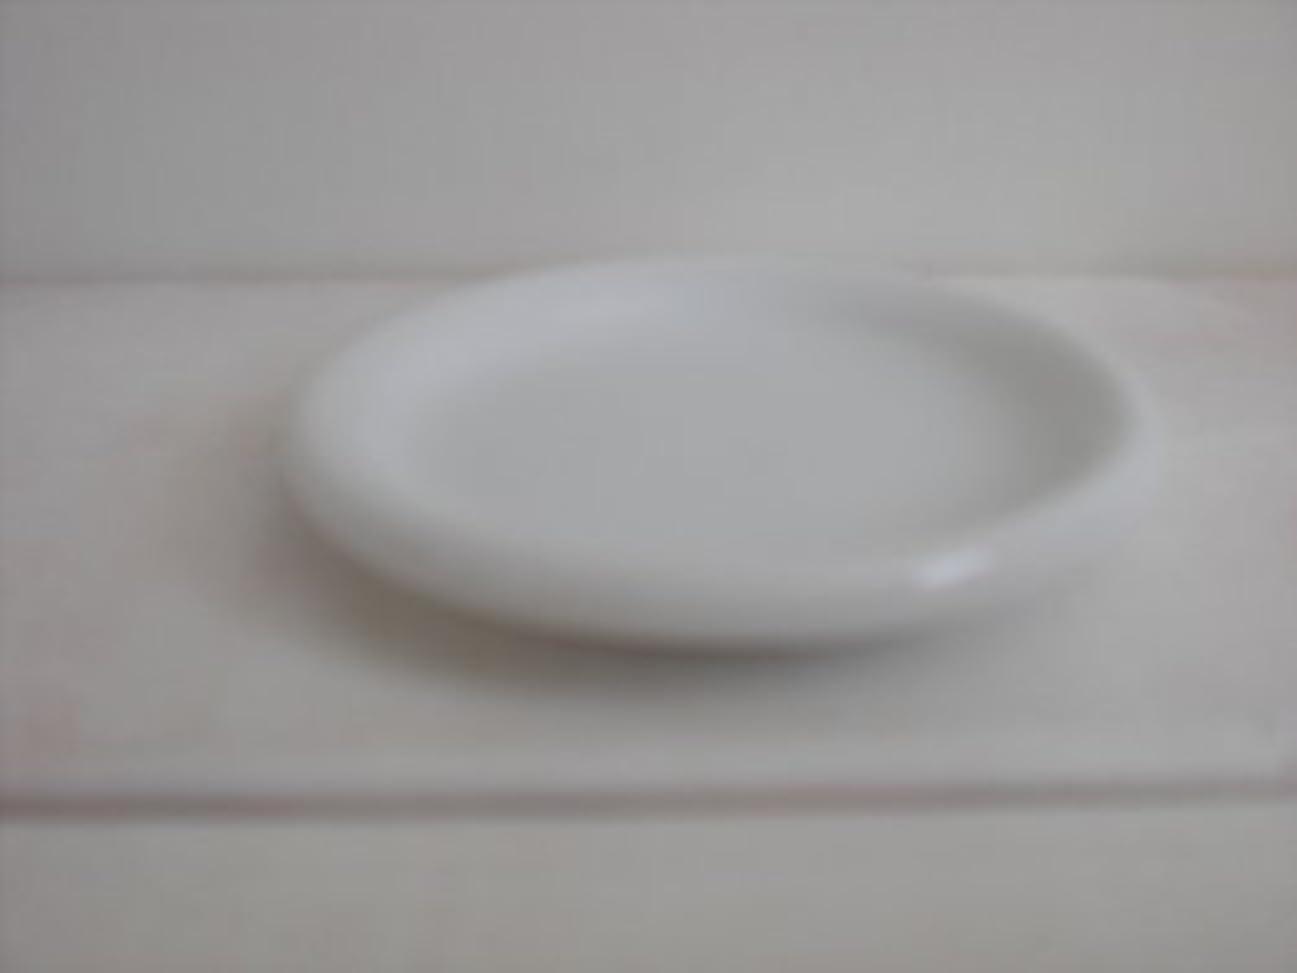 れる広々依存ナチュラルライト 専用オイル皿 NL-SA